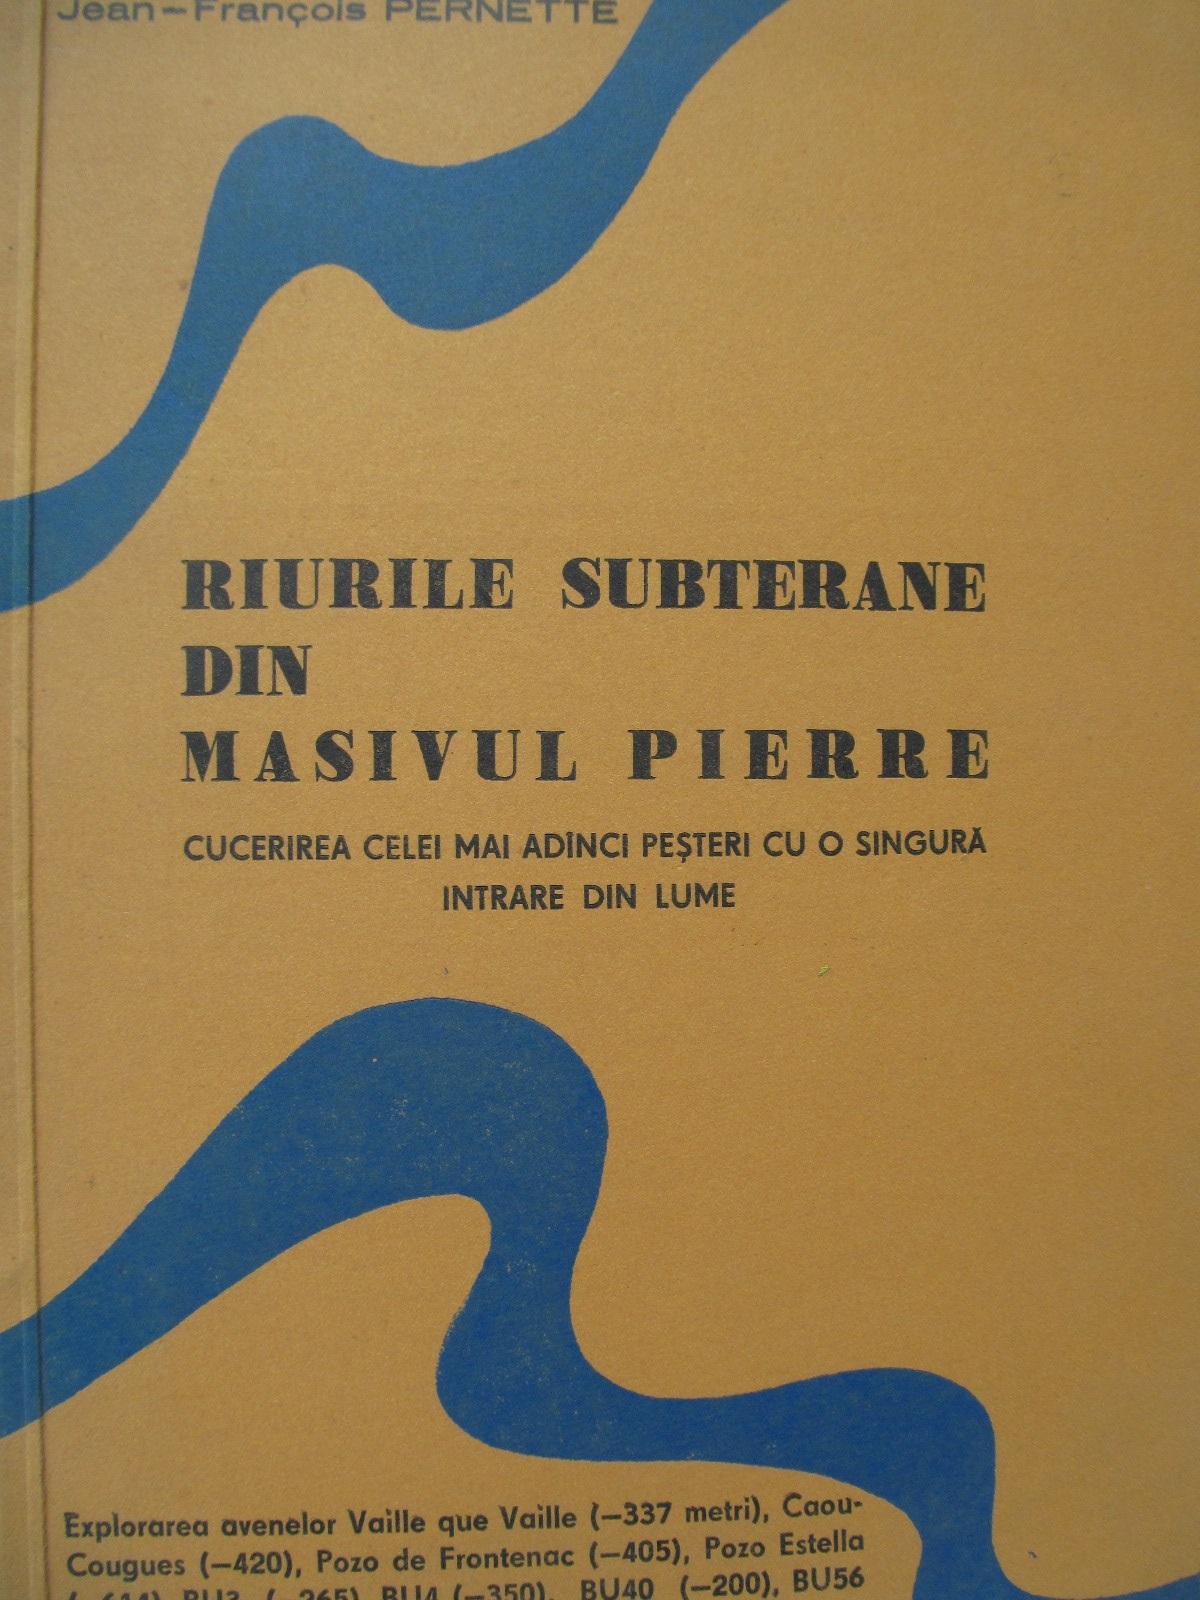 Raurile subterane din masivul Pierre (speologie) - Jean Francois Pernette | Detalii carte